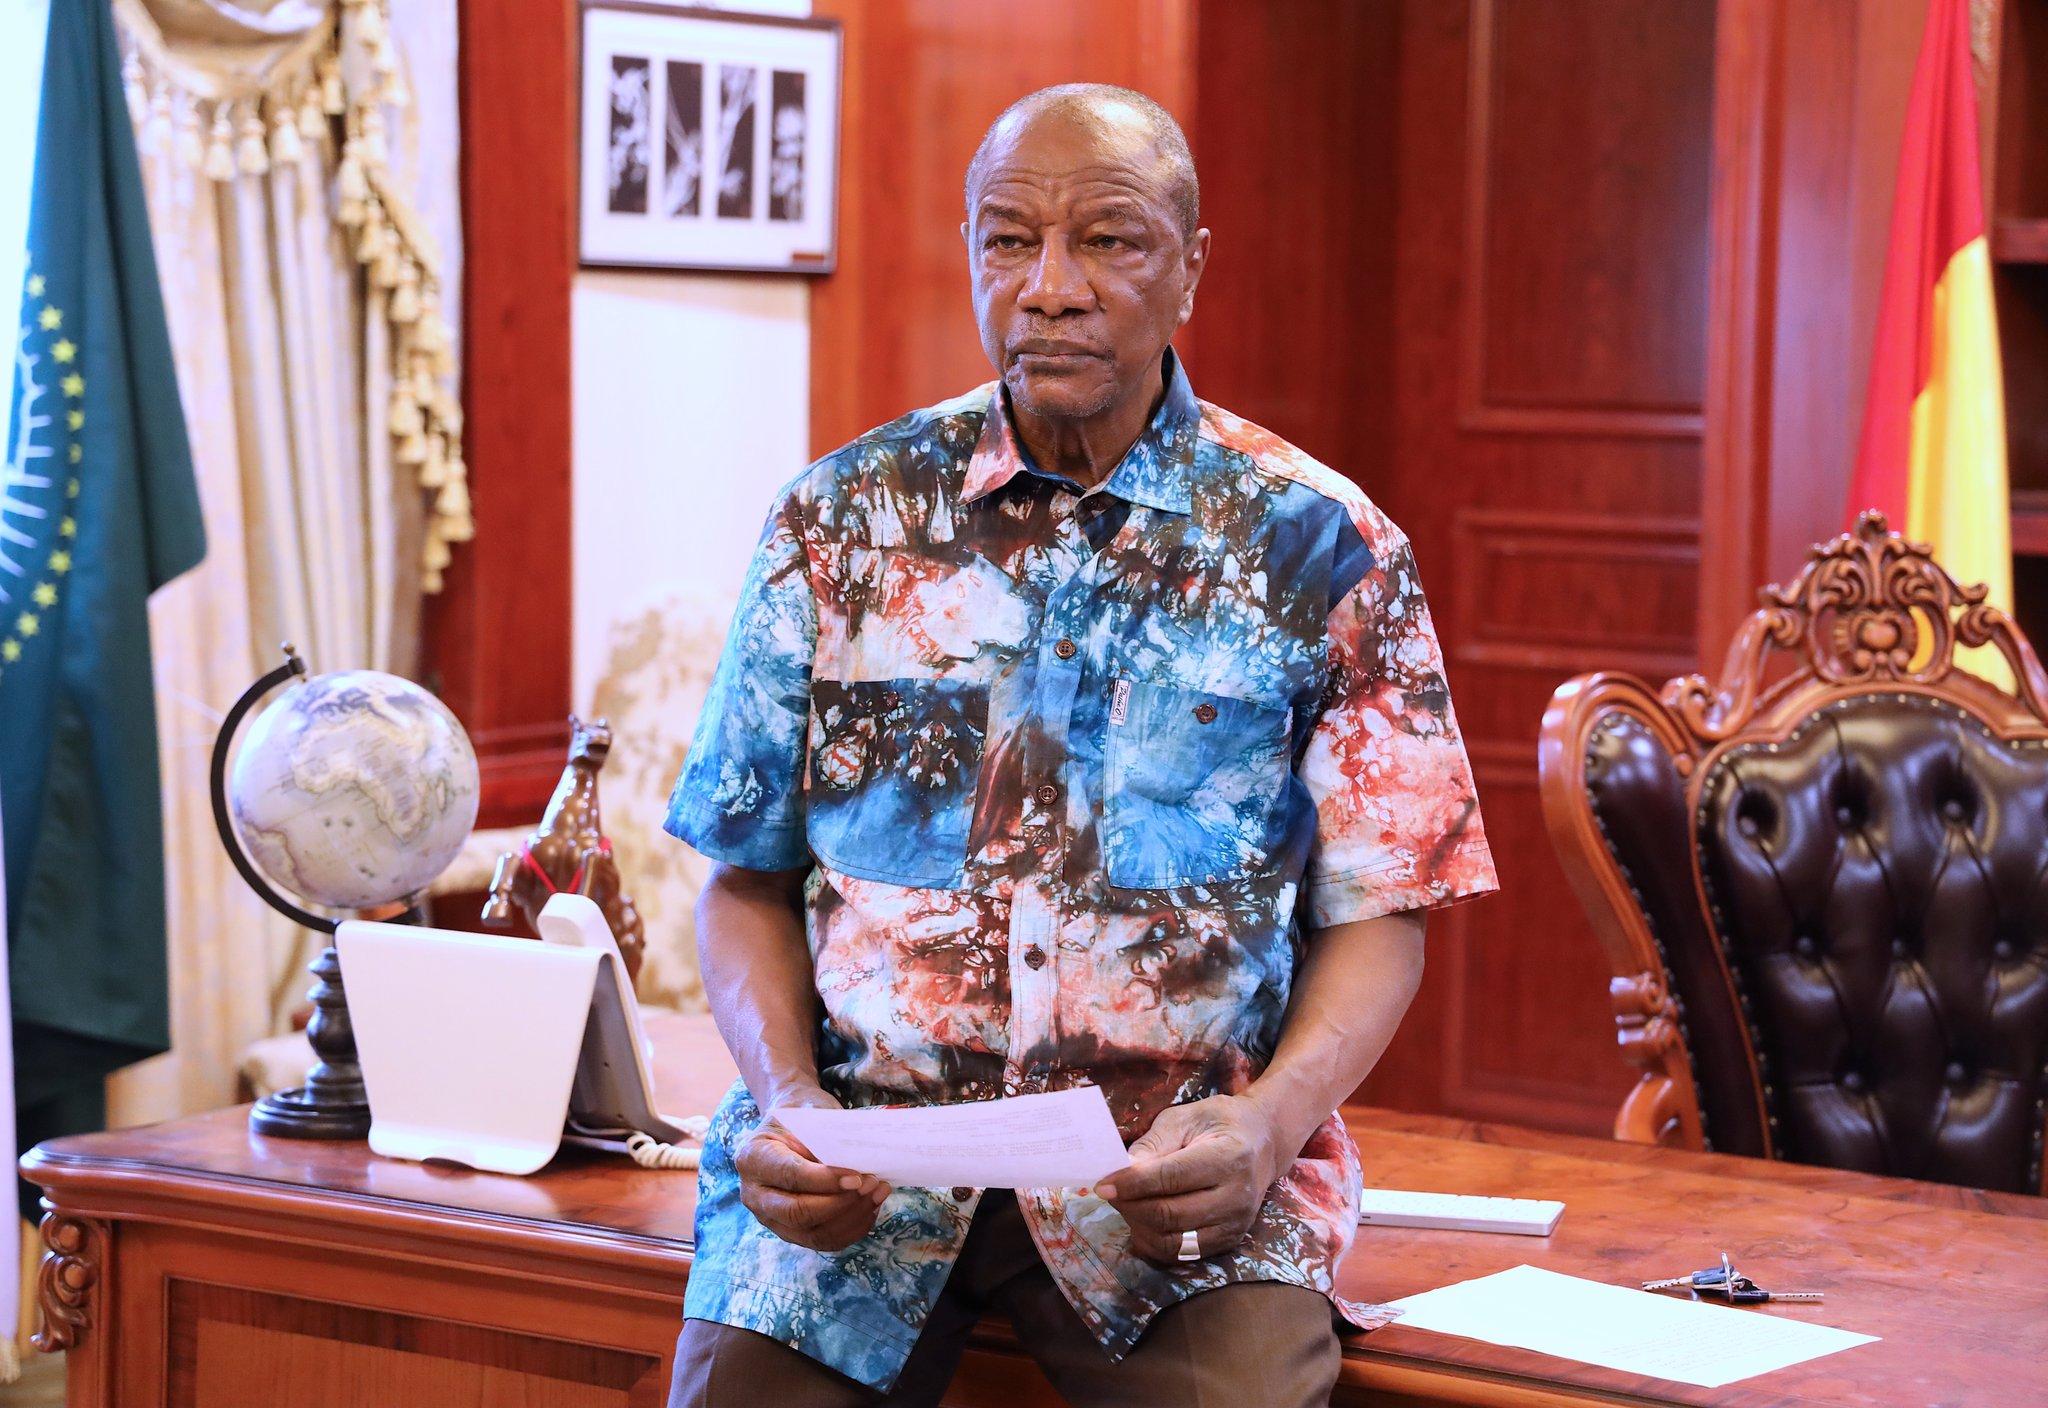 Le président déchu de la Guinée Alpha Condé ne posera plus ses valises à Brazzaville